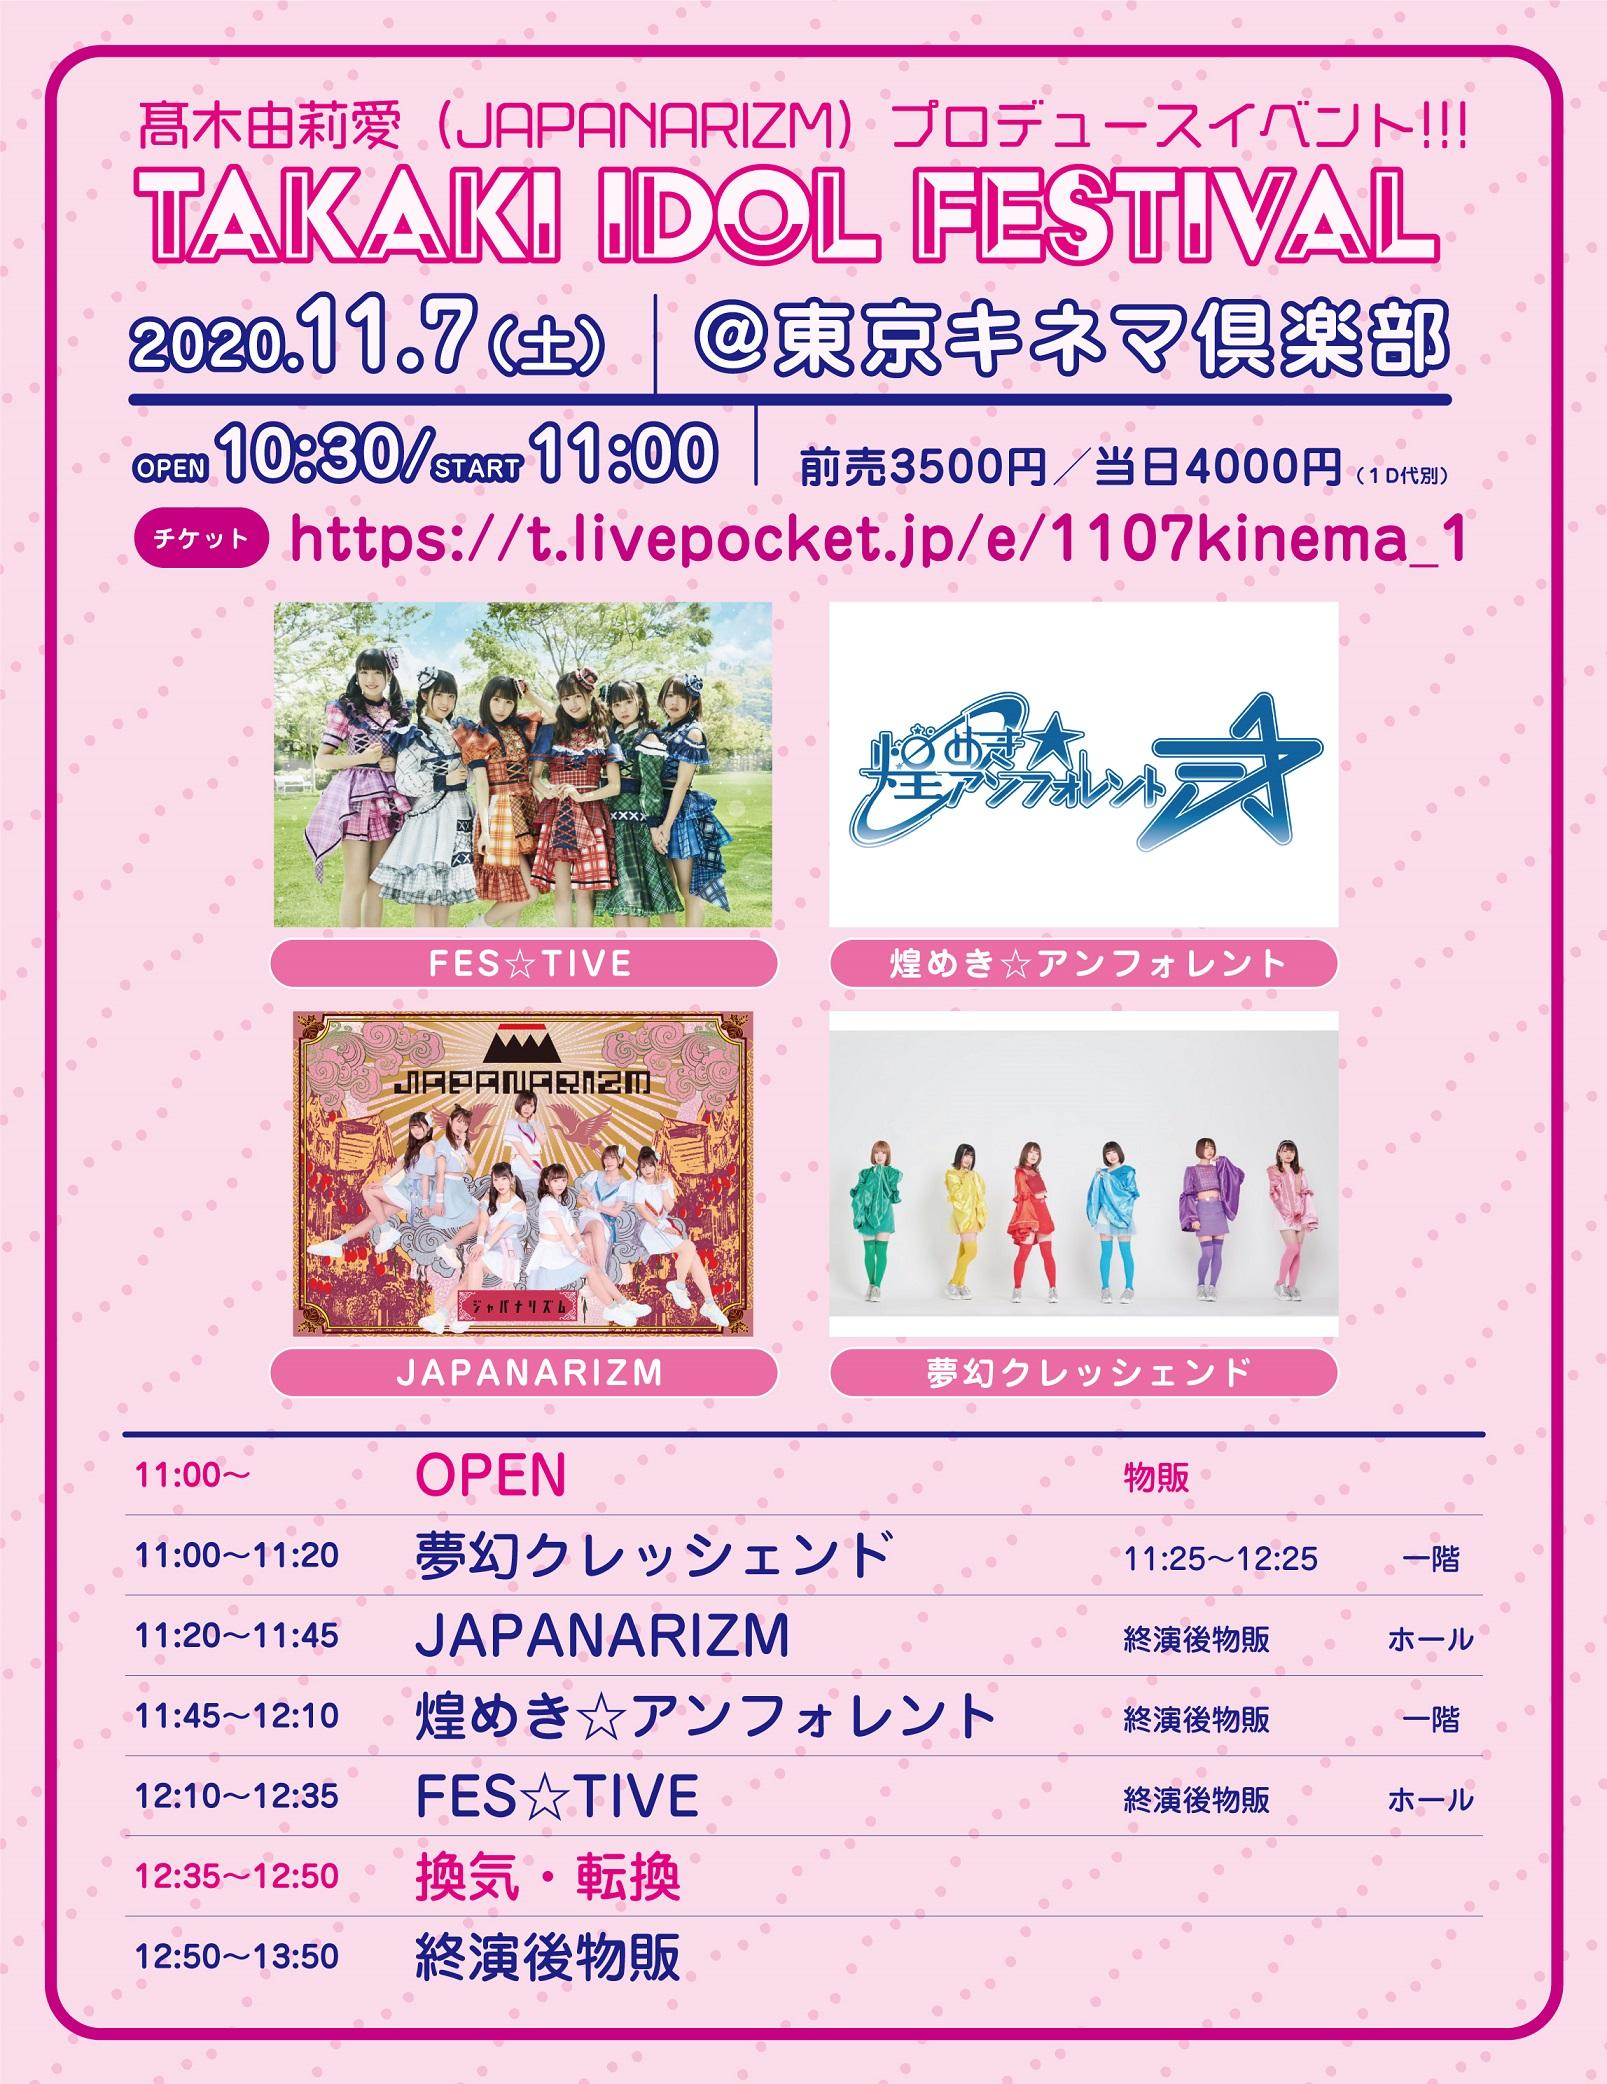 2020/11/7(土) 『TAKAKI IDOL FESTIVAL お祭り編』東京キネマ倶楽部